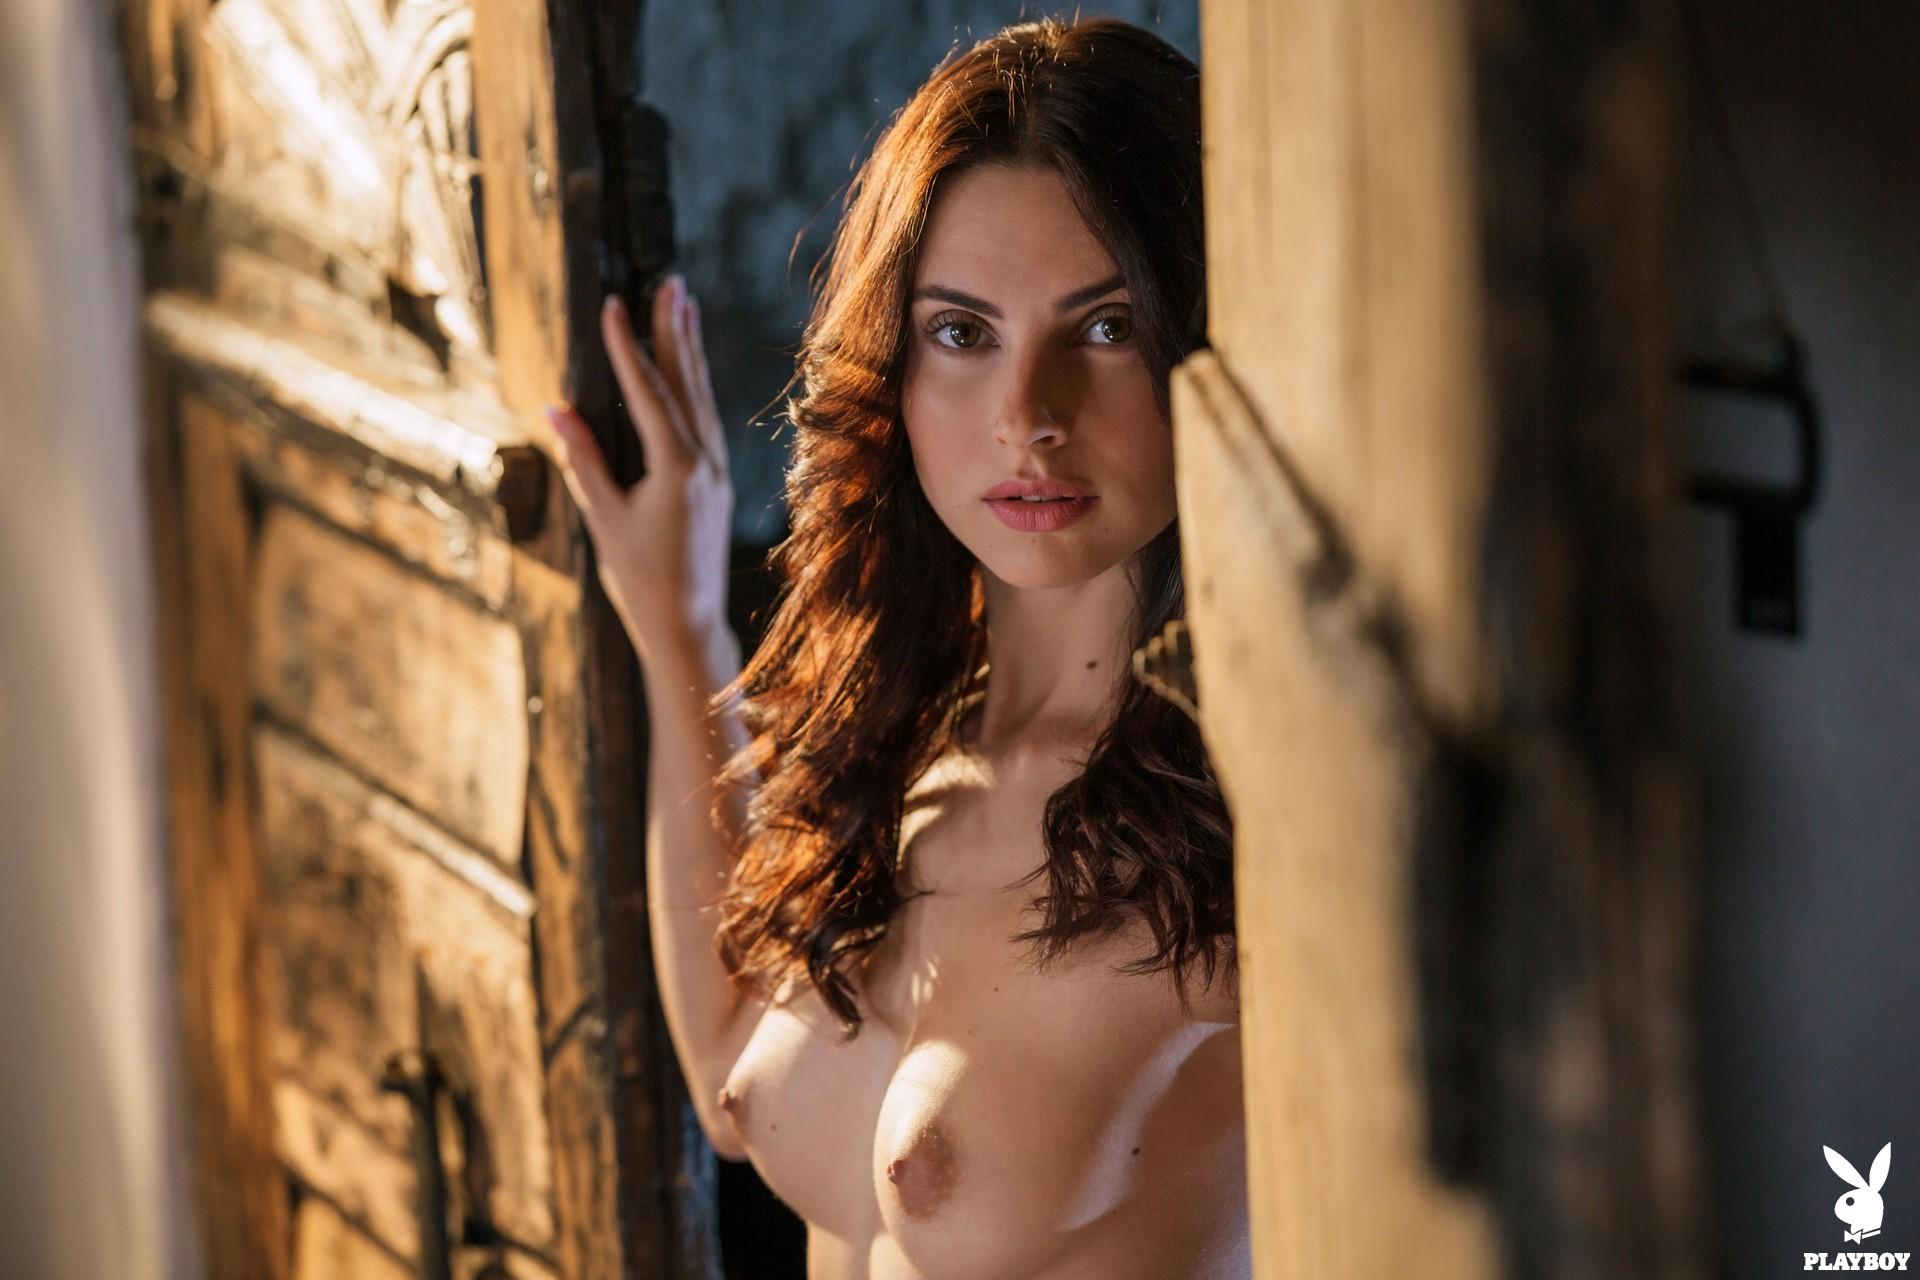 Jasmine Jazz In Keeping Warm Playboy Plus (14)